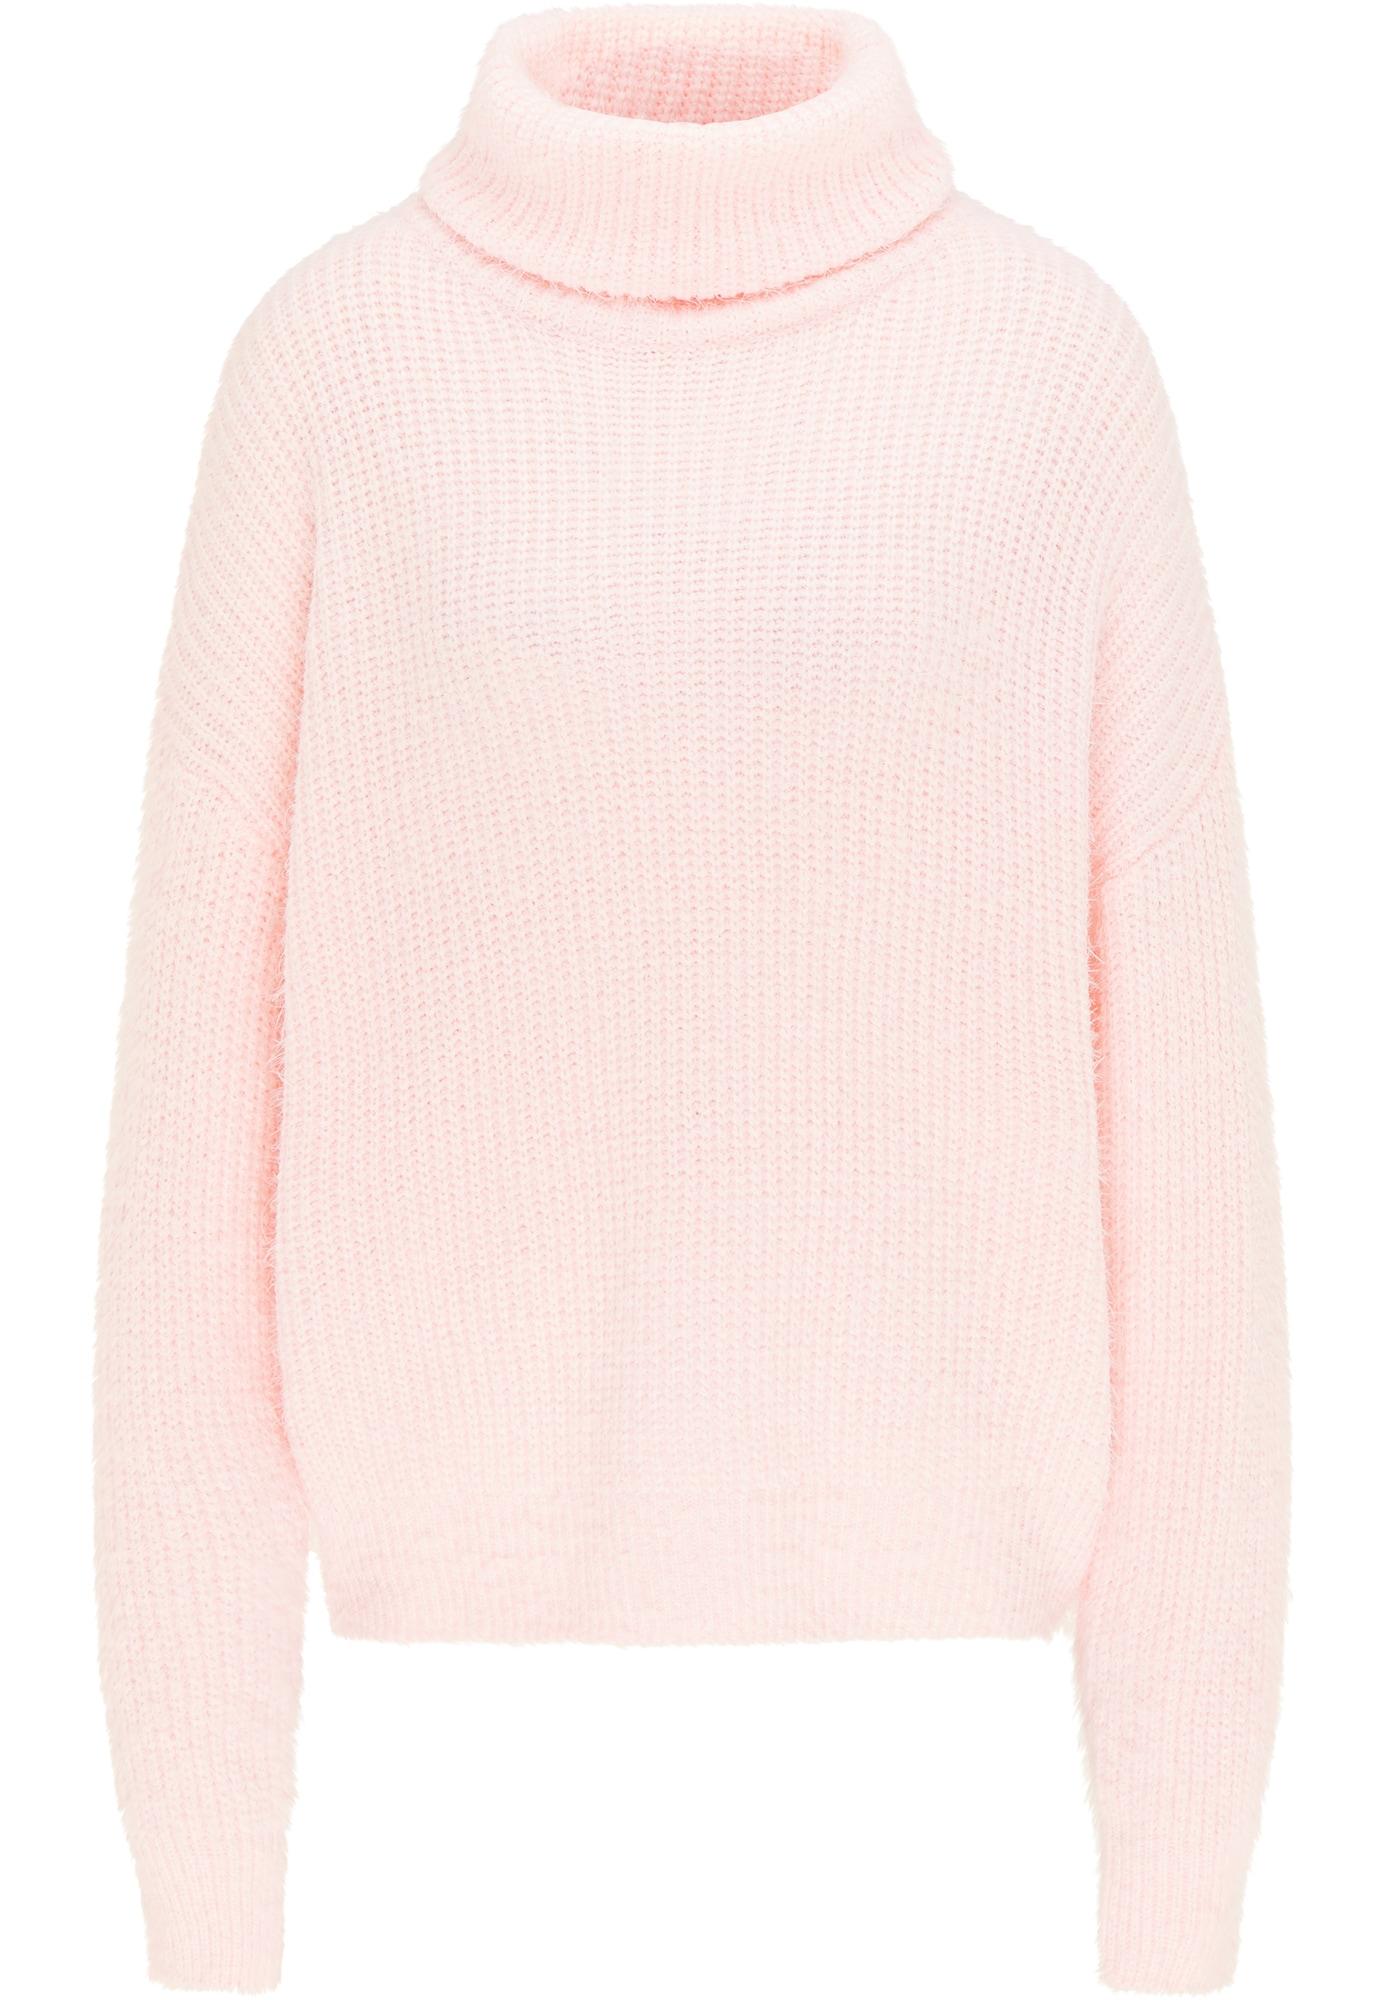 usha WHITE LABEL Megztinis pastelinė rožinė